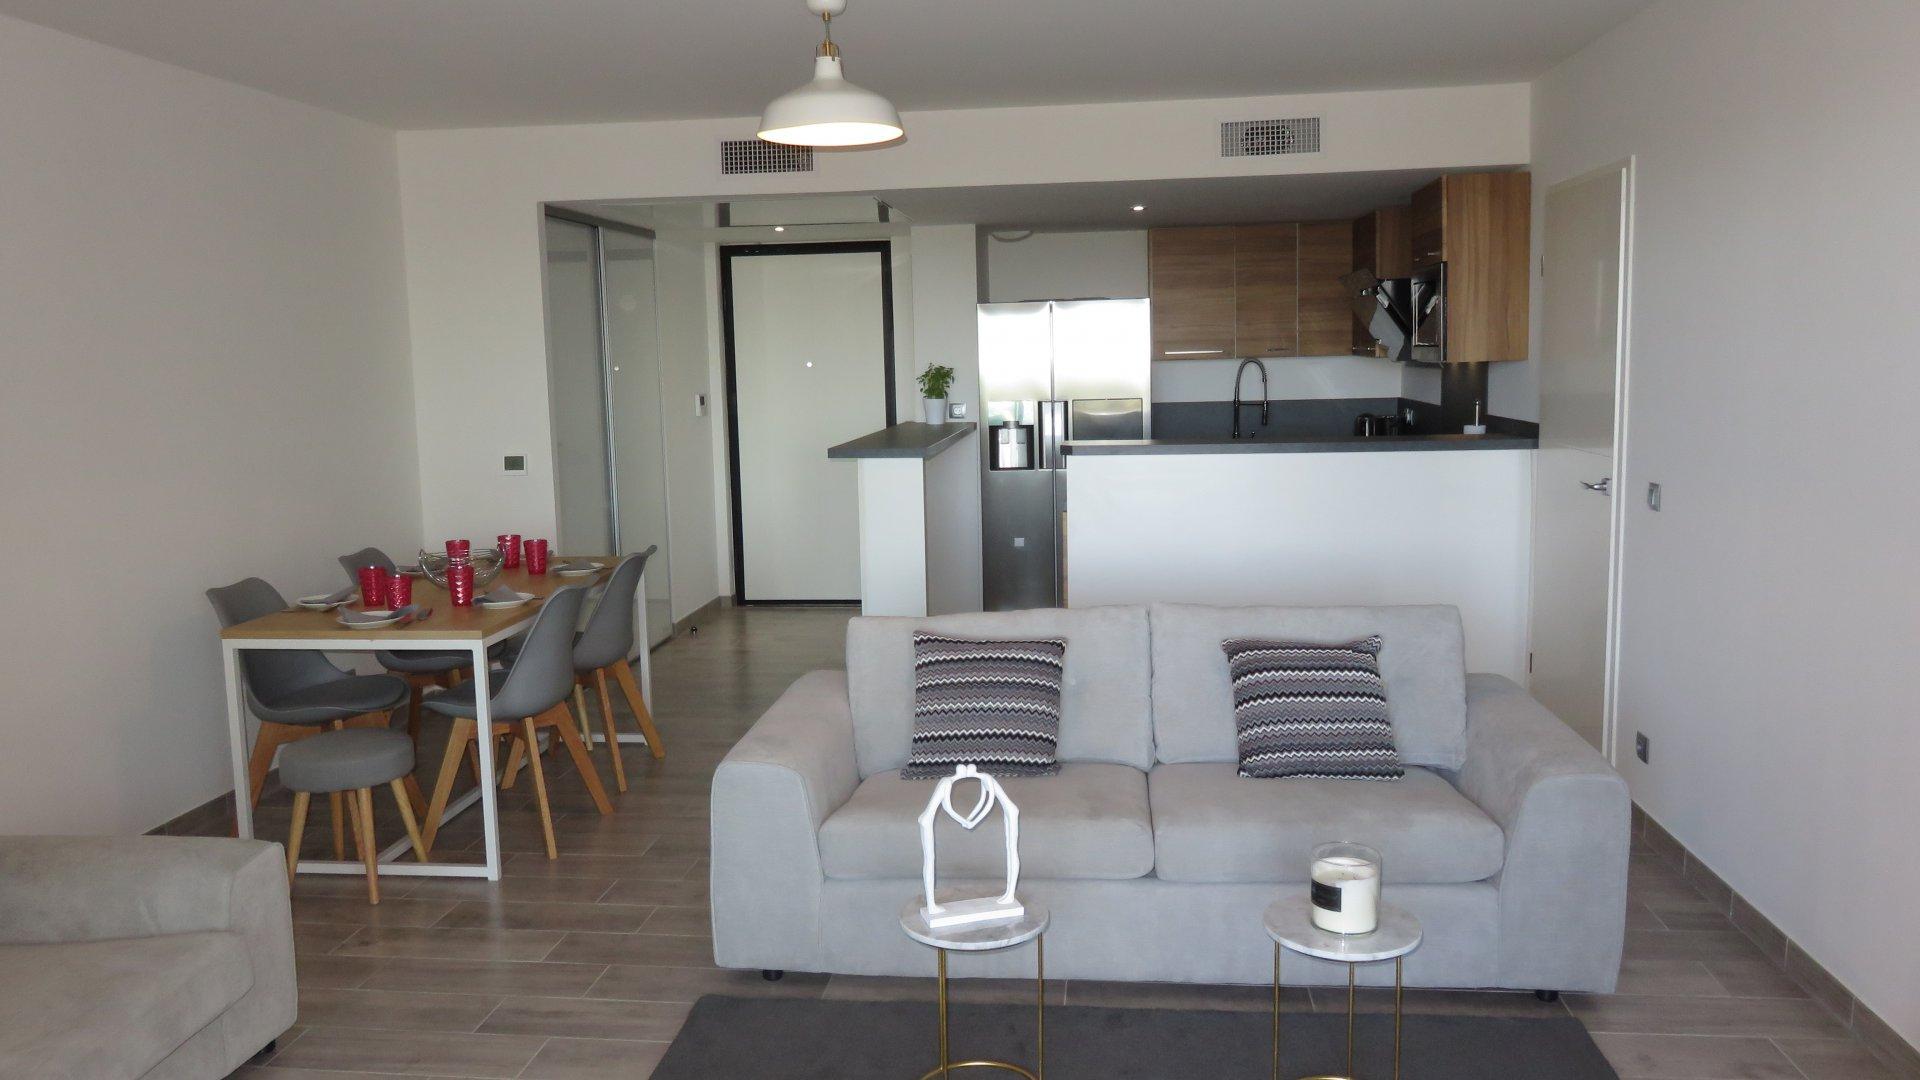 Apartamento de 3 habitaciones - garaje doble.